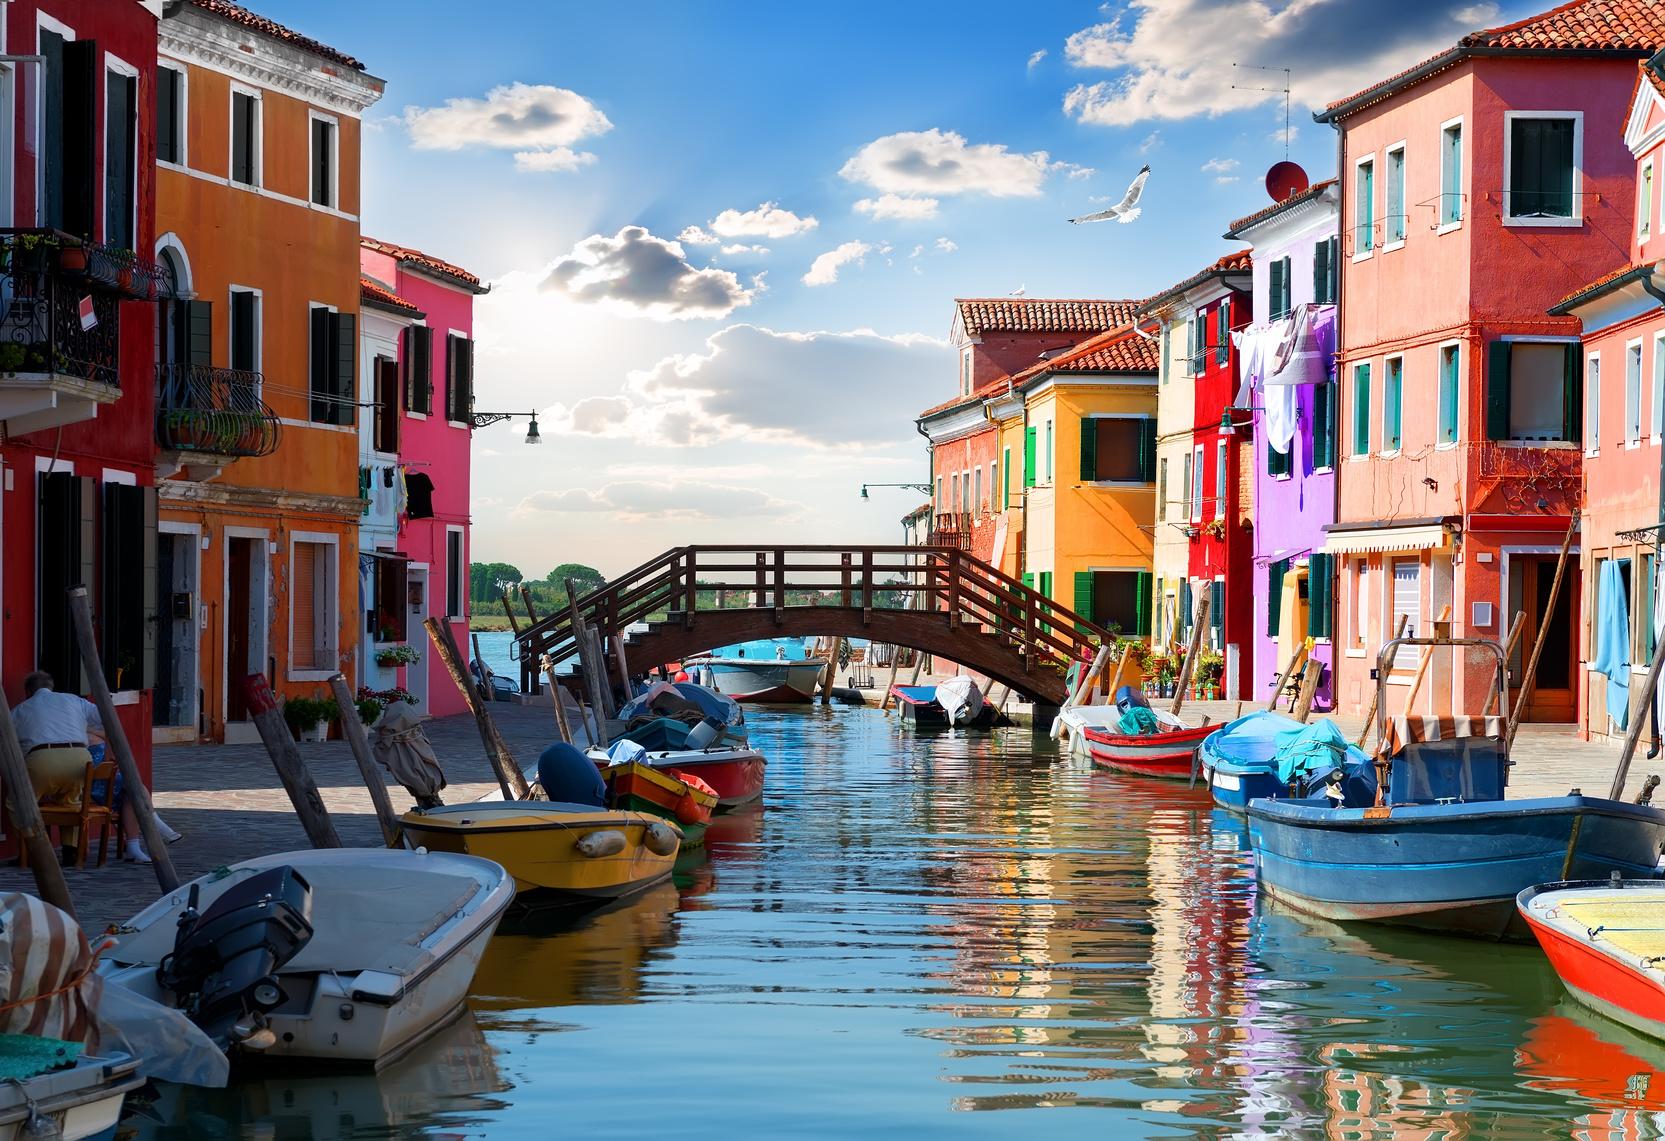 Kanal mit Booten und farbenfrohen venezianischen Häusern.